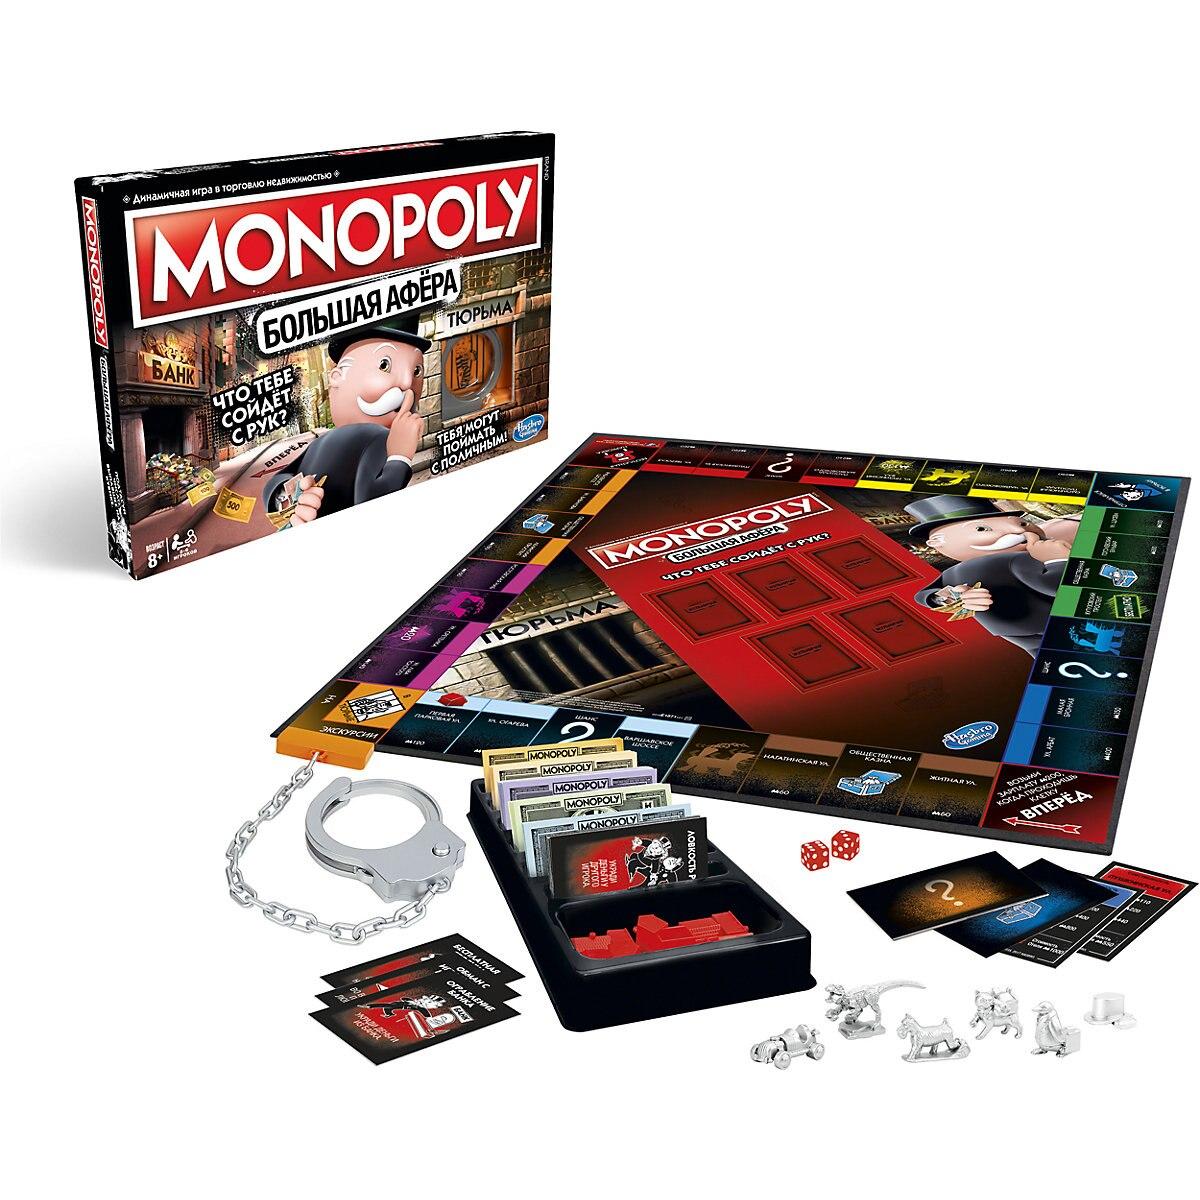 HASBRO jeux de fête de jeu 8376491 jeu de société motricité fine pour la société en développement jouer fille garçon amis